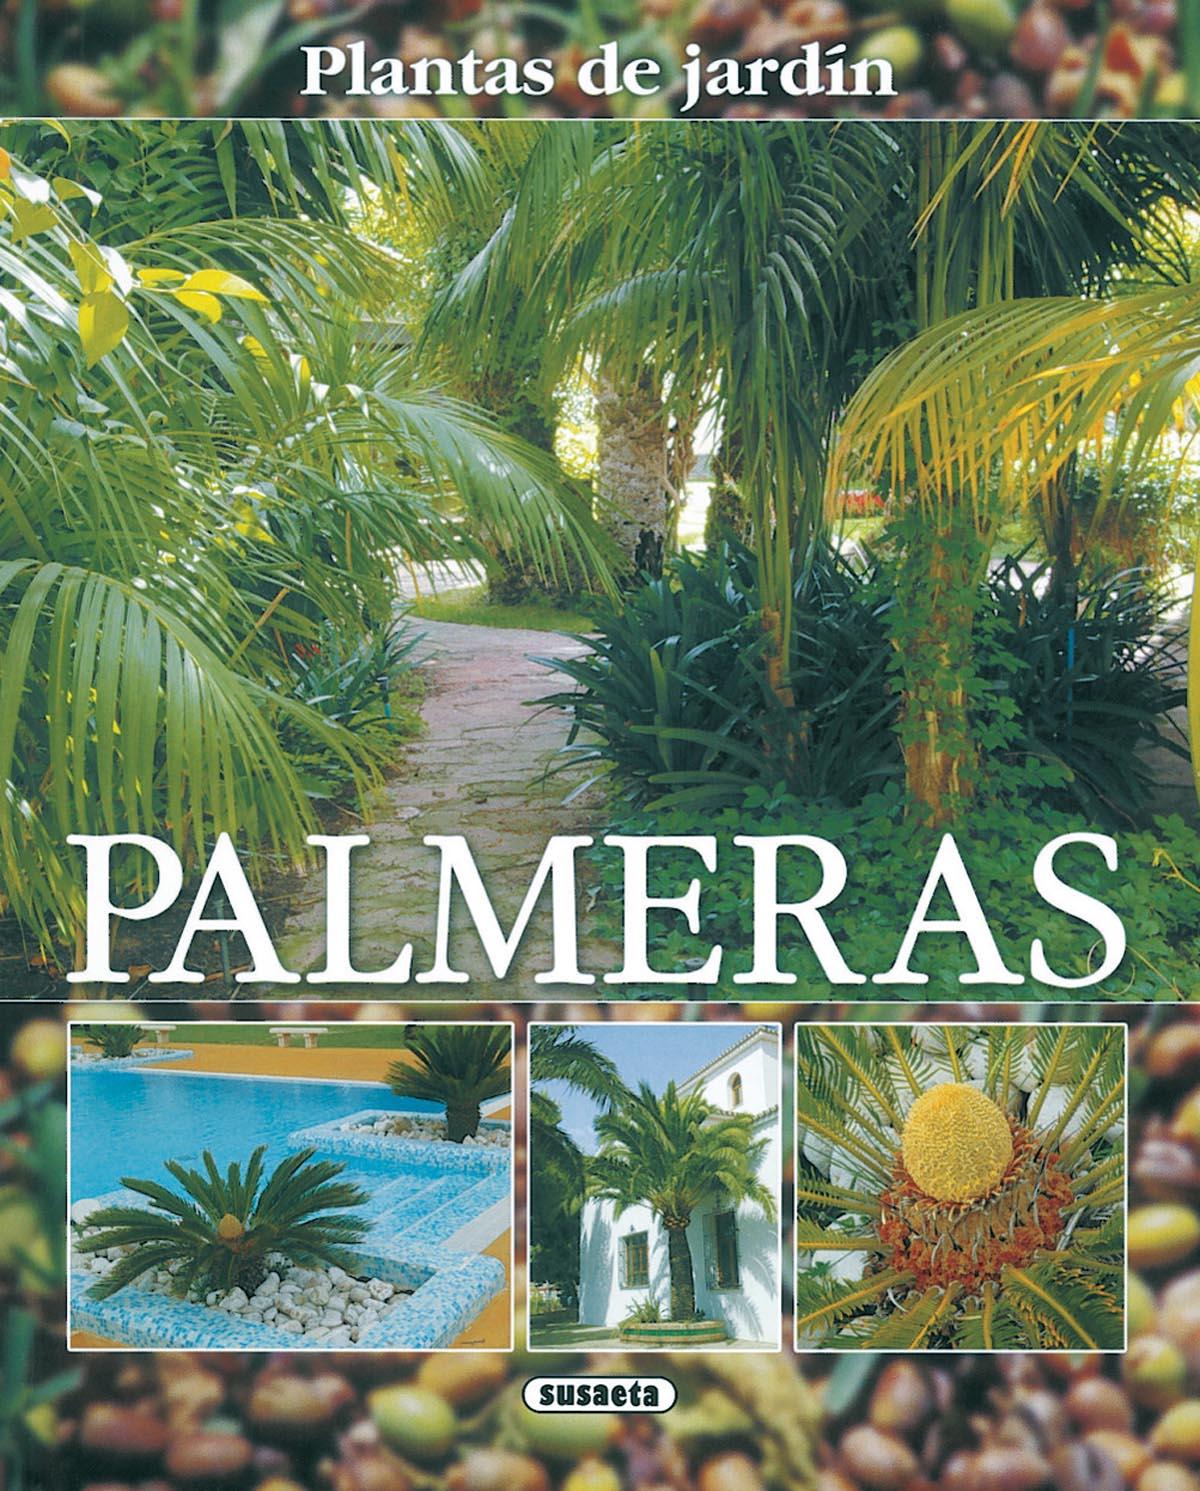 Palmeras plantas de jard n plantukis for Palmeras pequenas para jardin